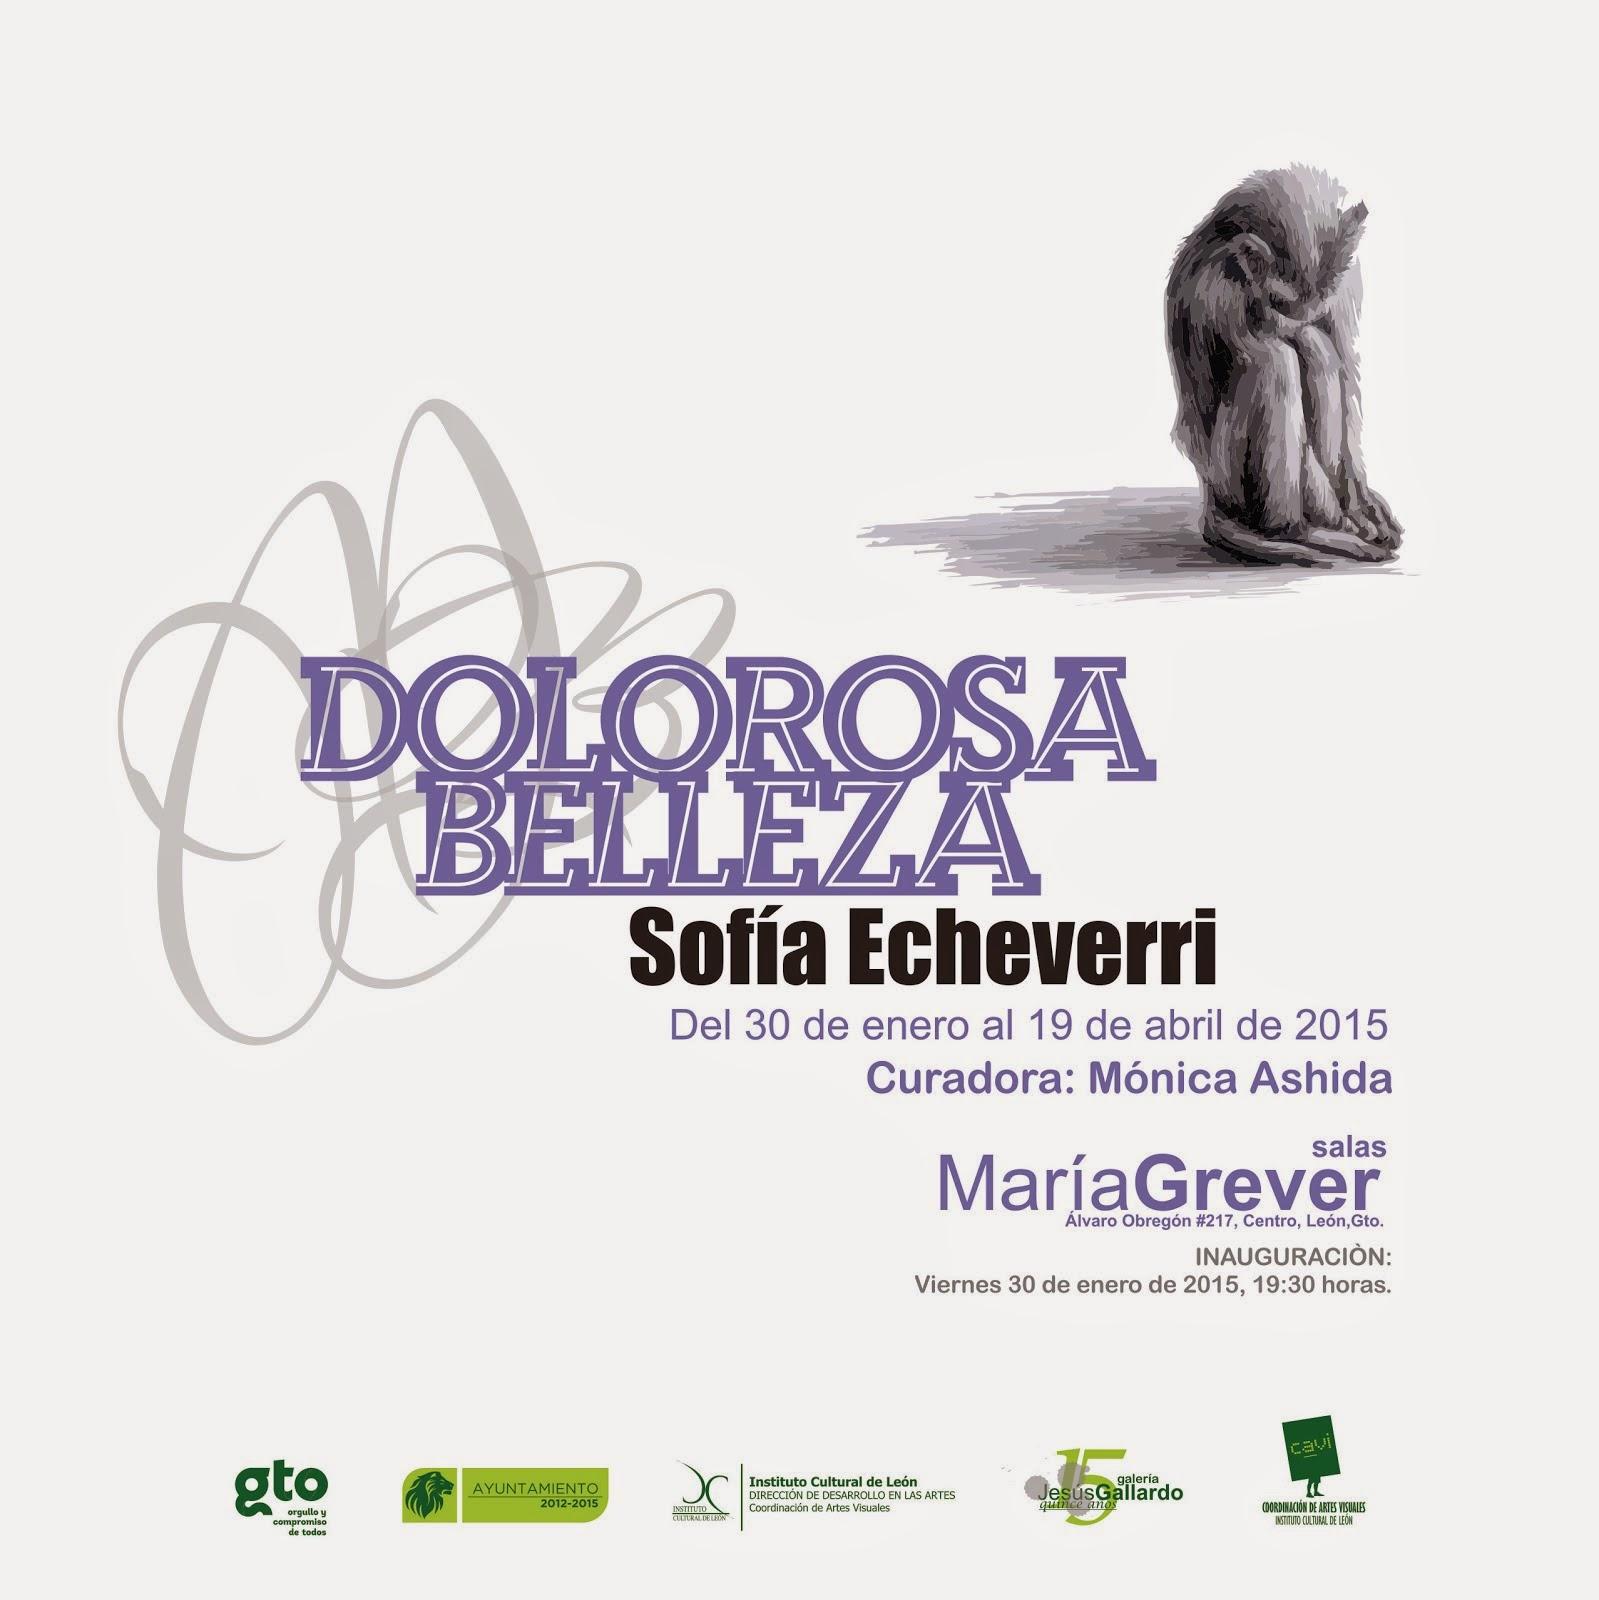 Dolorosa Belleza, Sofía Echeverri